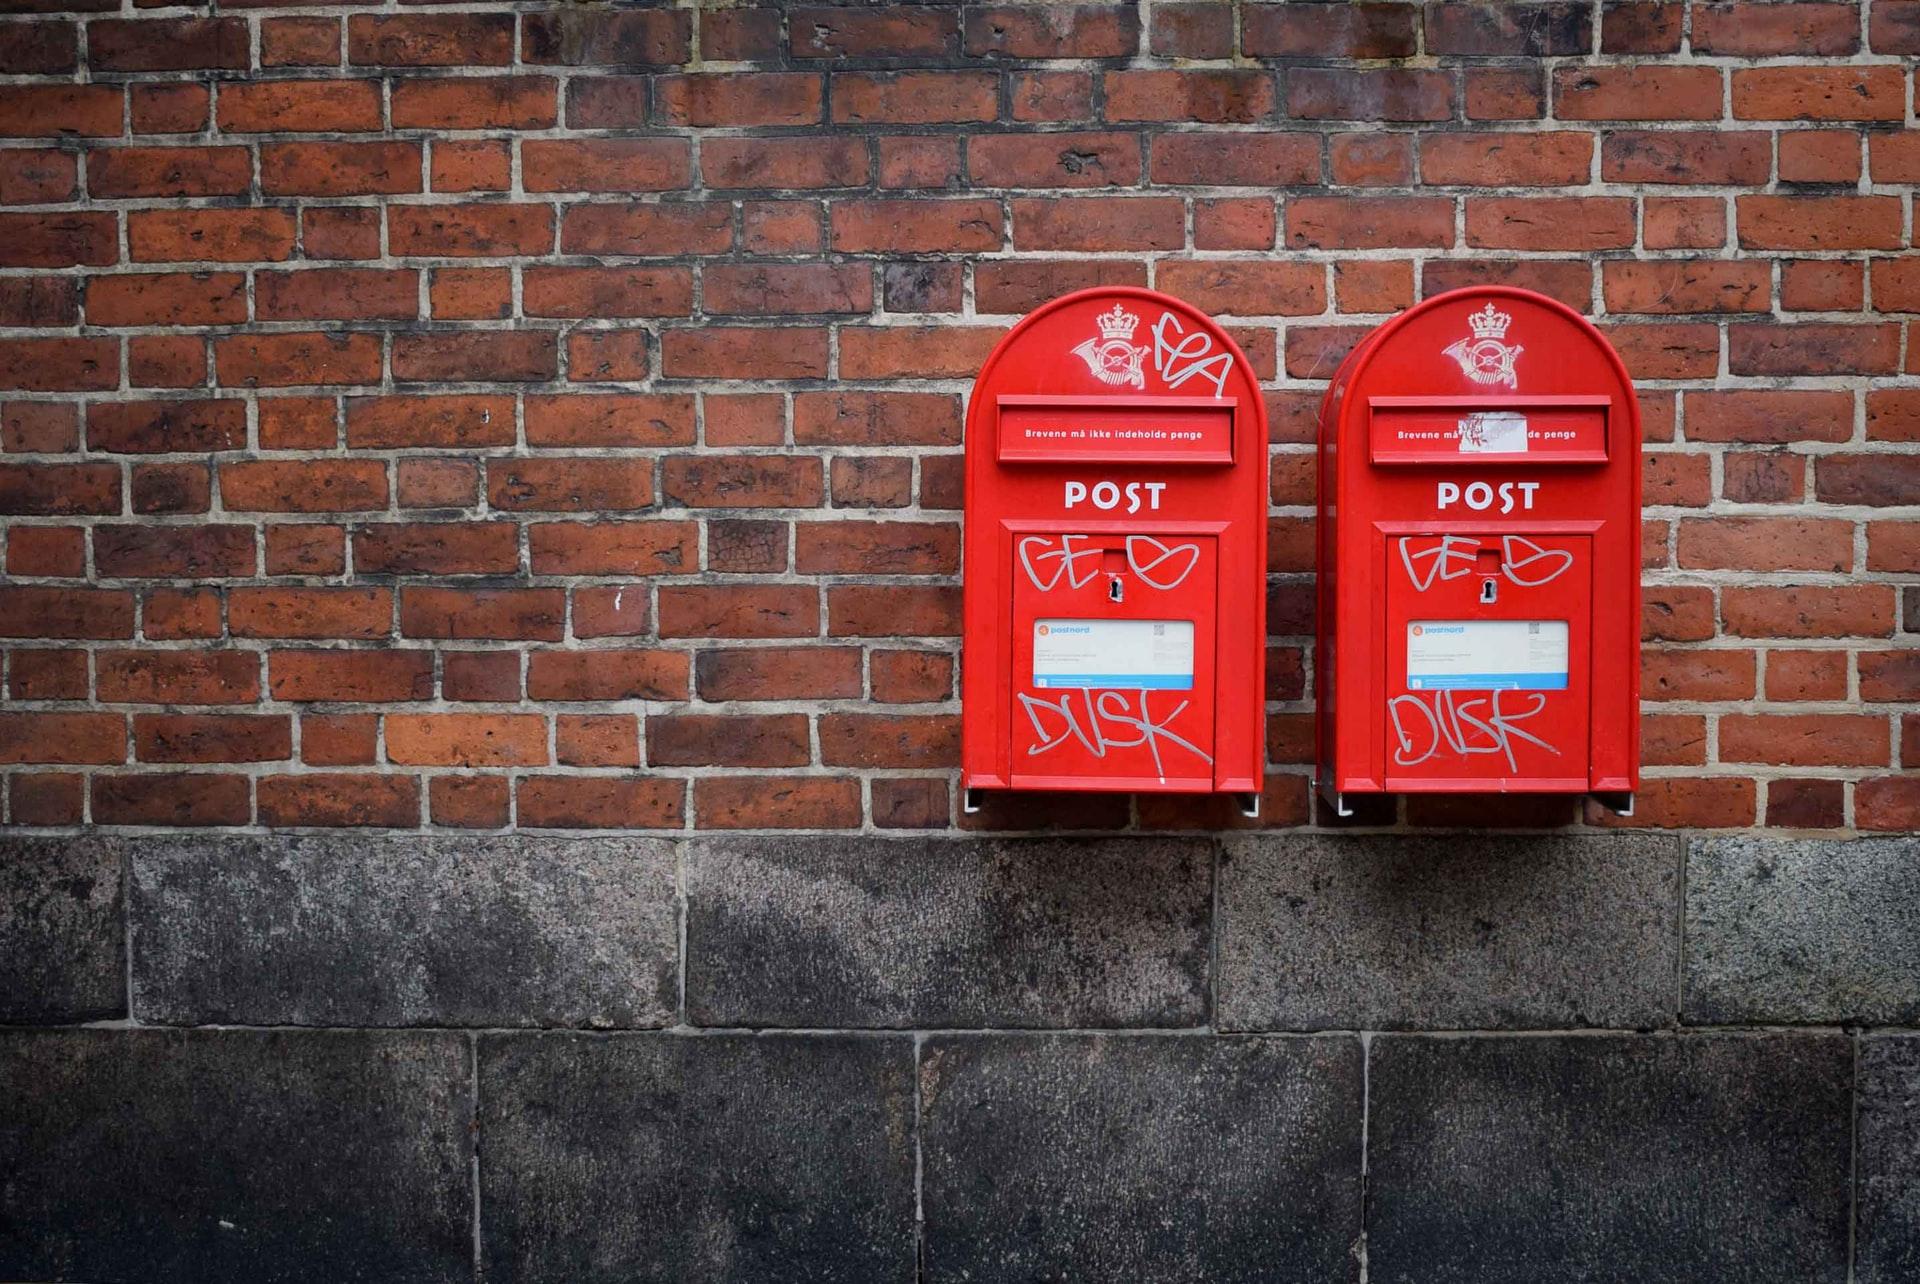 住所を示す郵便ポストの写真